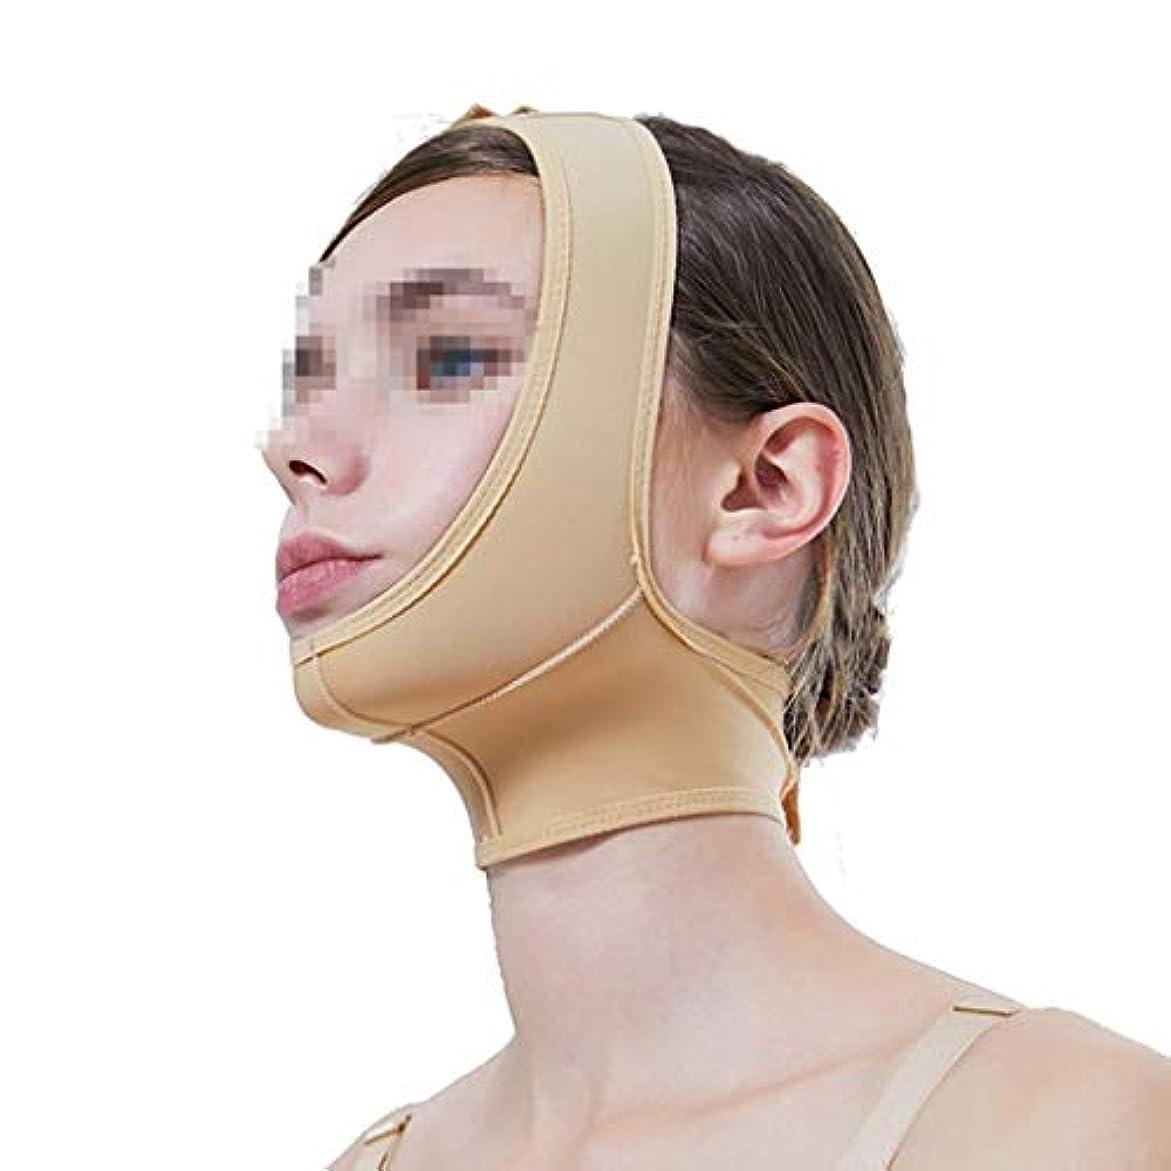 系統的サイレン終点弾性の薄いフェイスフード、下顎スリーブ術後の弾性スリーブフェイスVフェイスマスク付きダブルチンビーストバーマルチサイズオプション(サイズ:S)